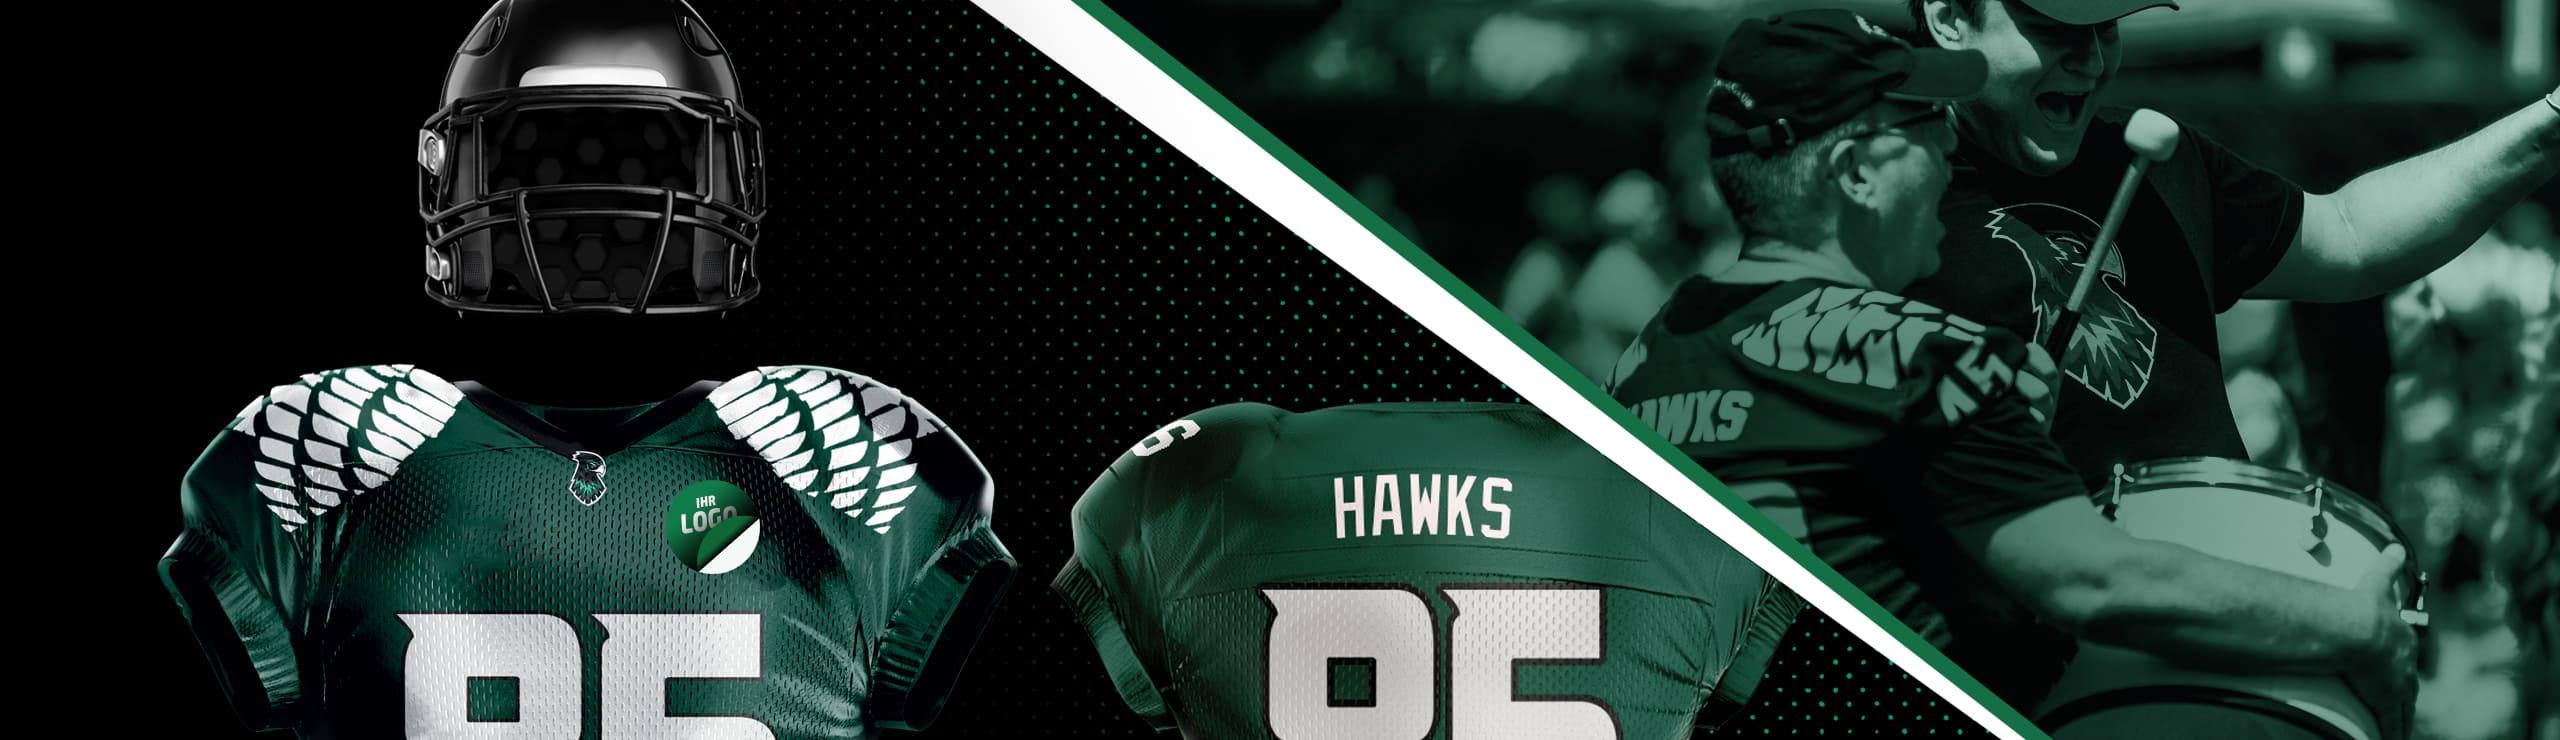 sponsoren und swarm der hawks